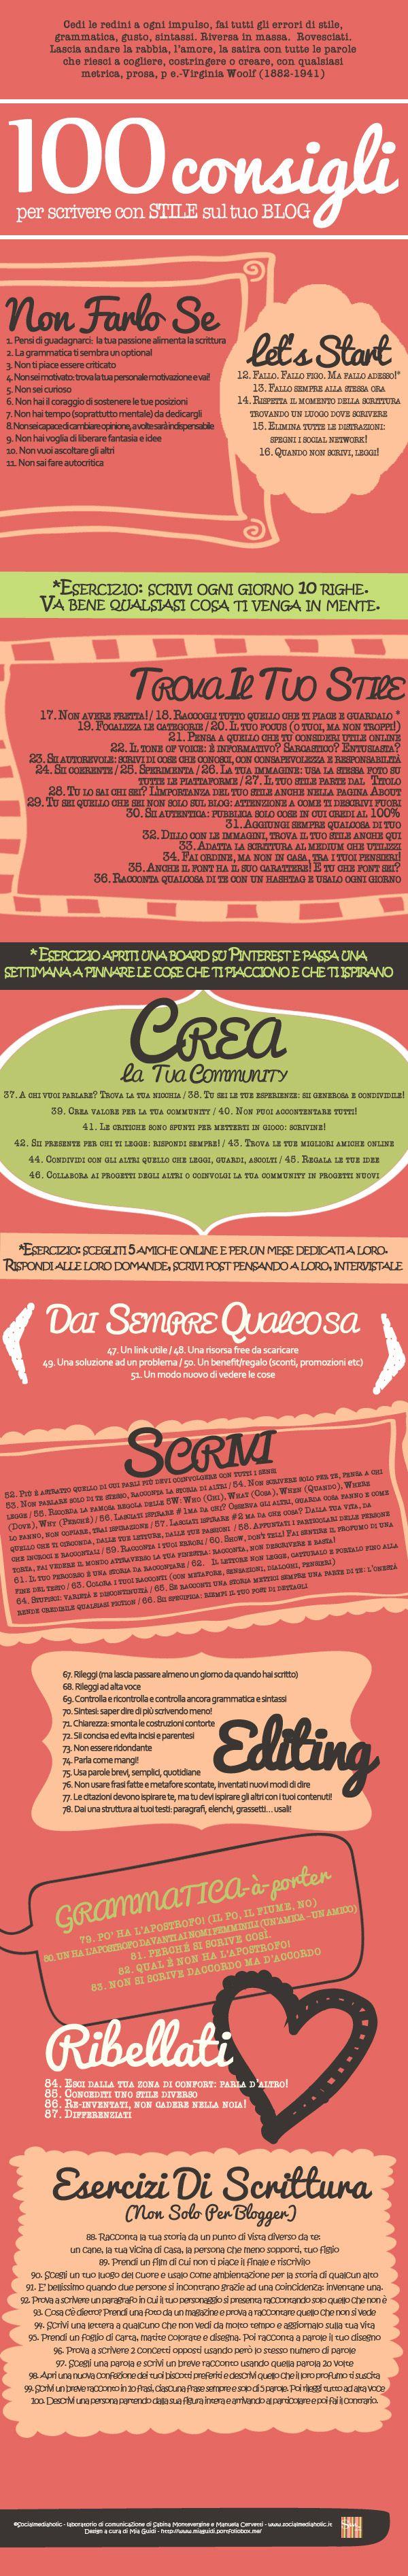 100-consigli-per-scrivere-con-stile-infografica-socialmediaholic  #scrittura #blogger #festadellarete